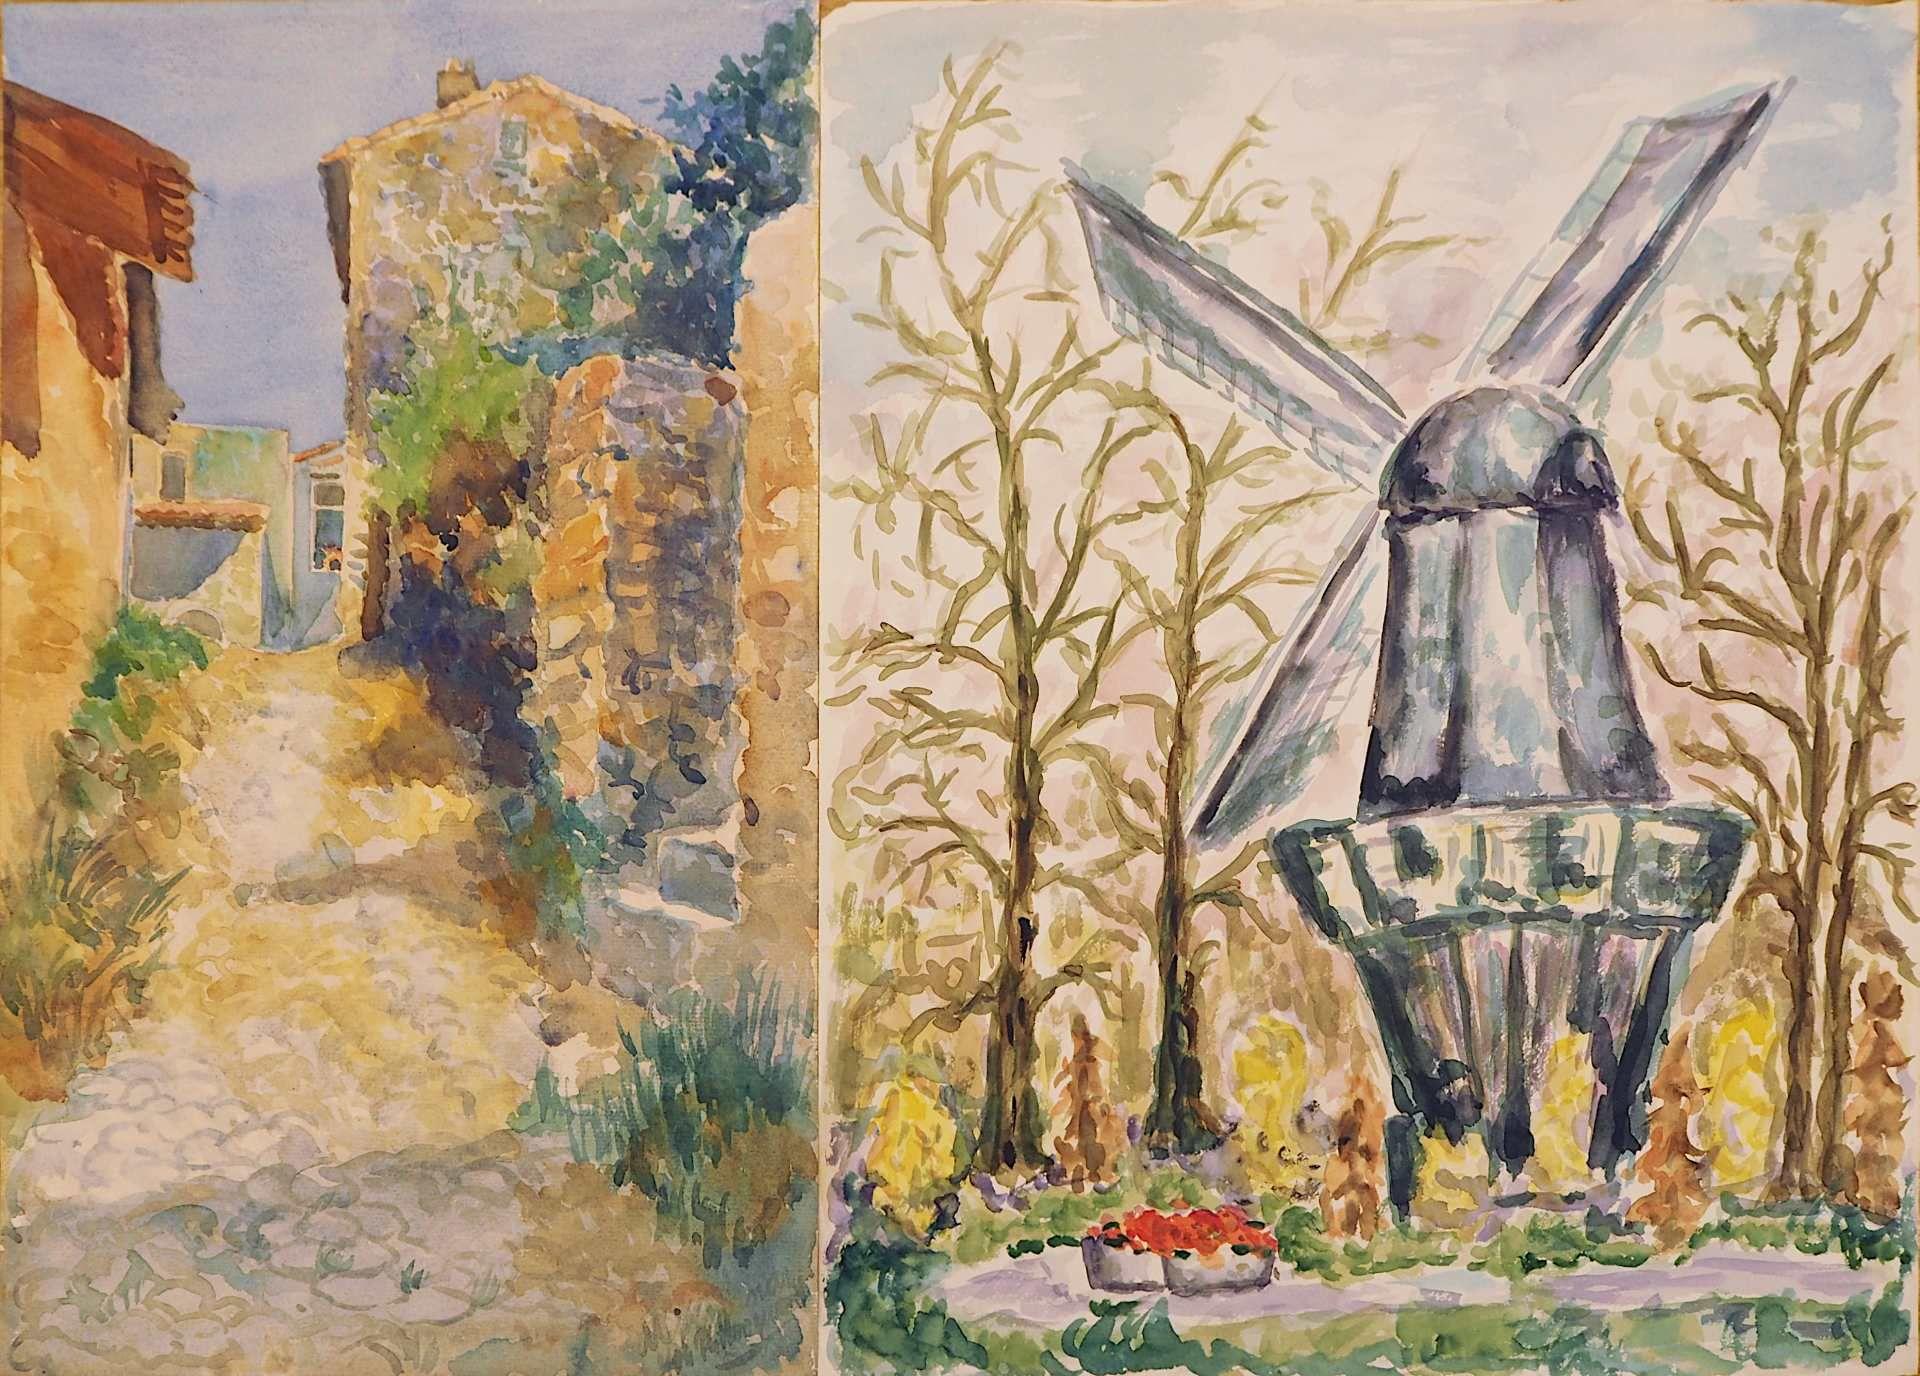 1 Sammlung Aquarelle/Temperamalereien überwiegend der 1960er/1970er Jahre der Künstlerin Mecht - Bild 3 aus 5